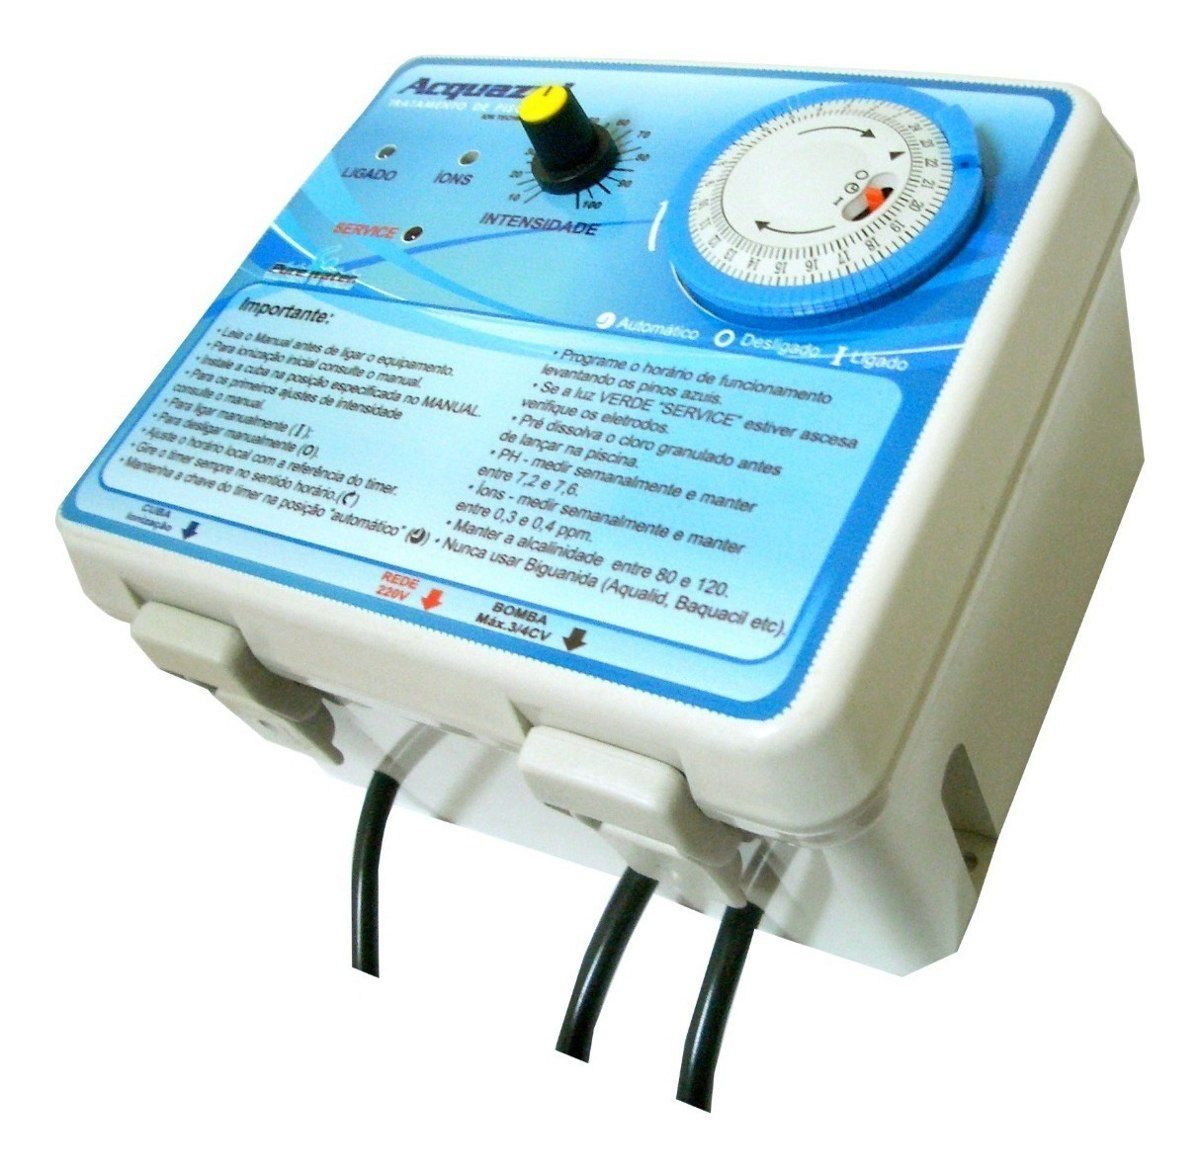 Ionizador Piscina Pure Water Pw 155 - Piscinas Até 155.000 L